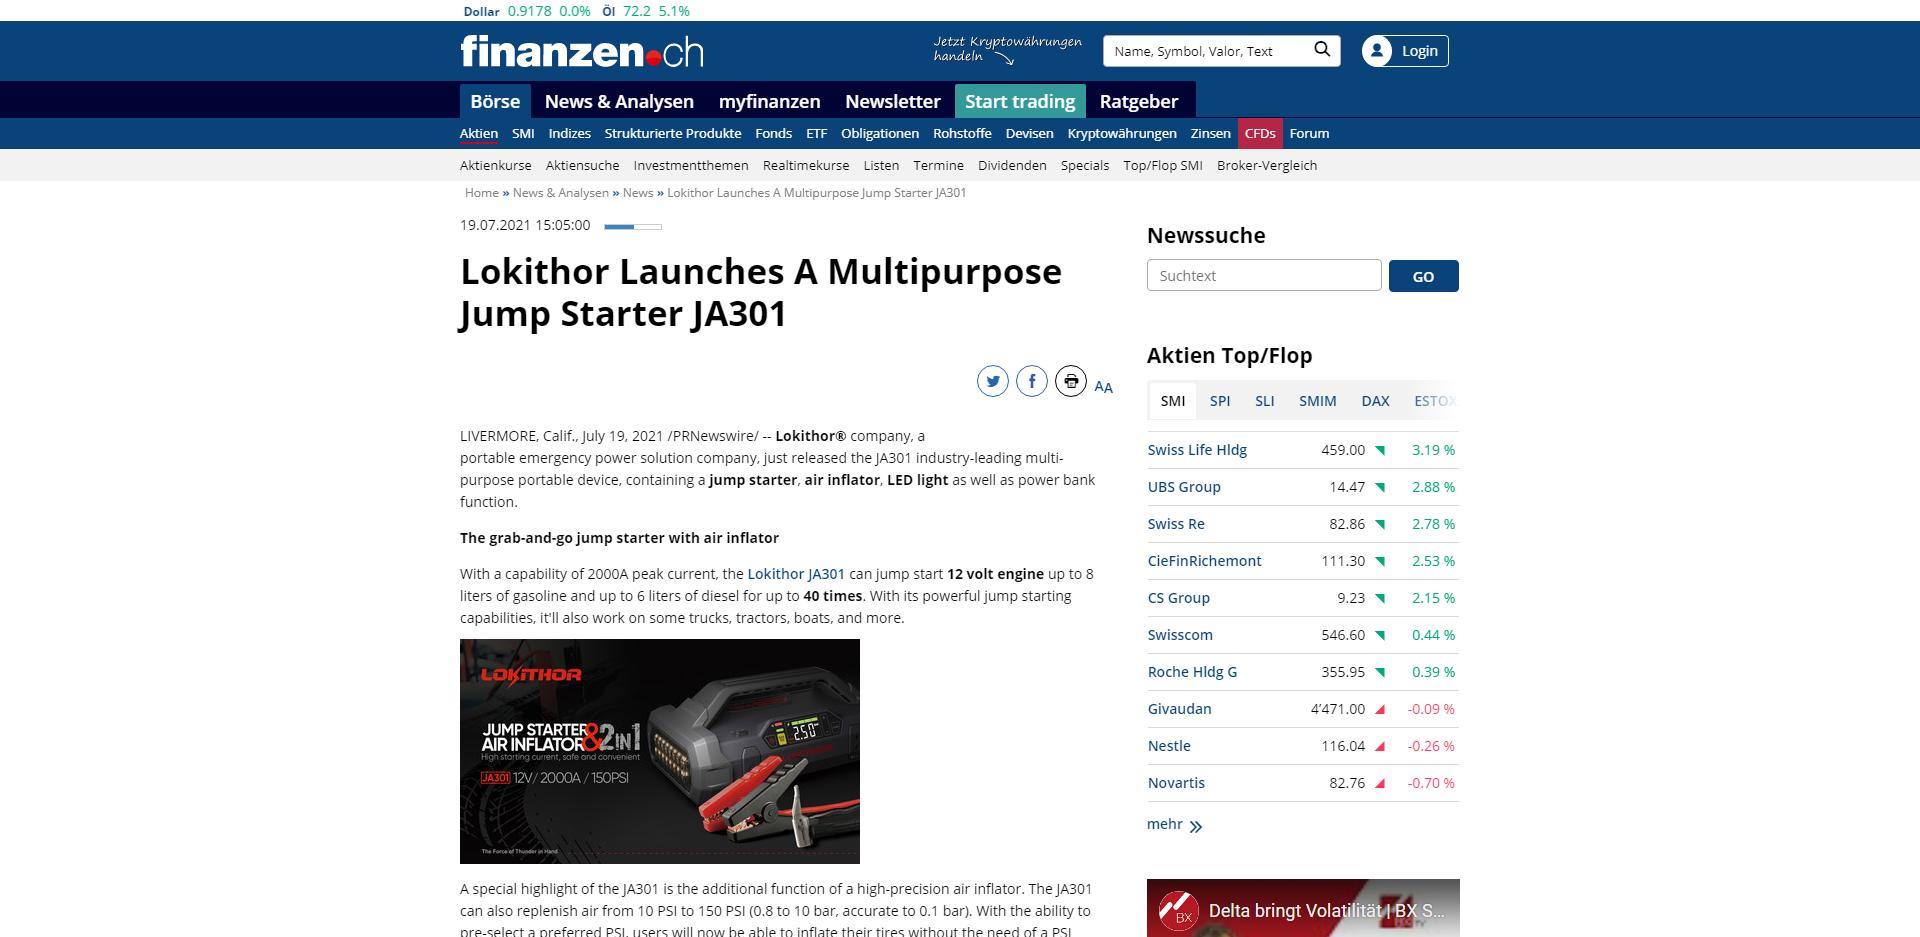 Lokithor推出多功能启动电源JA301 报道来源 finanzen